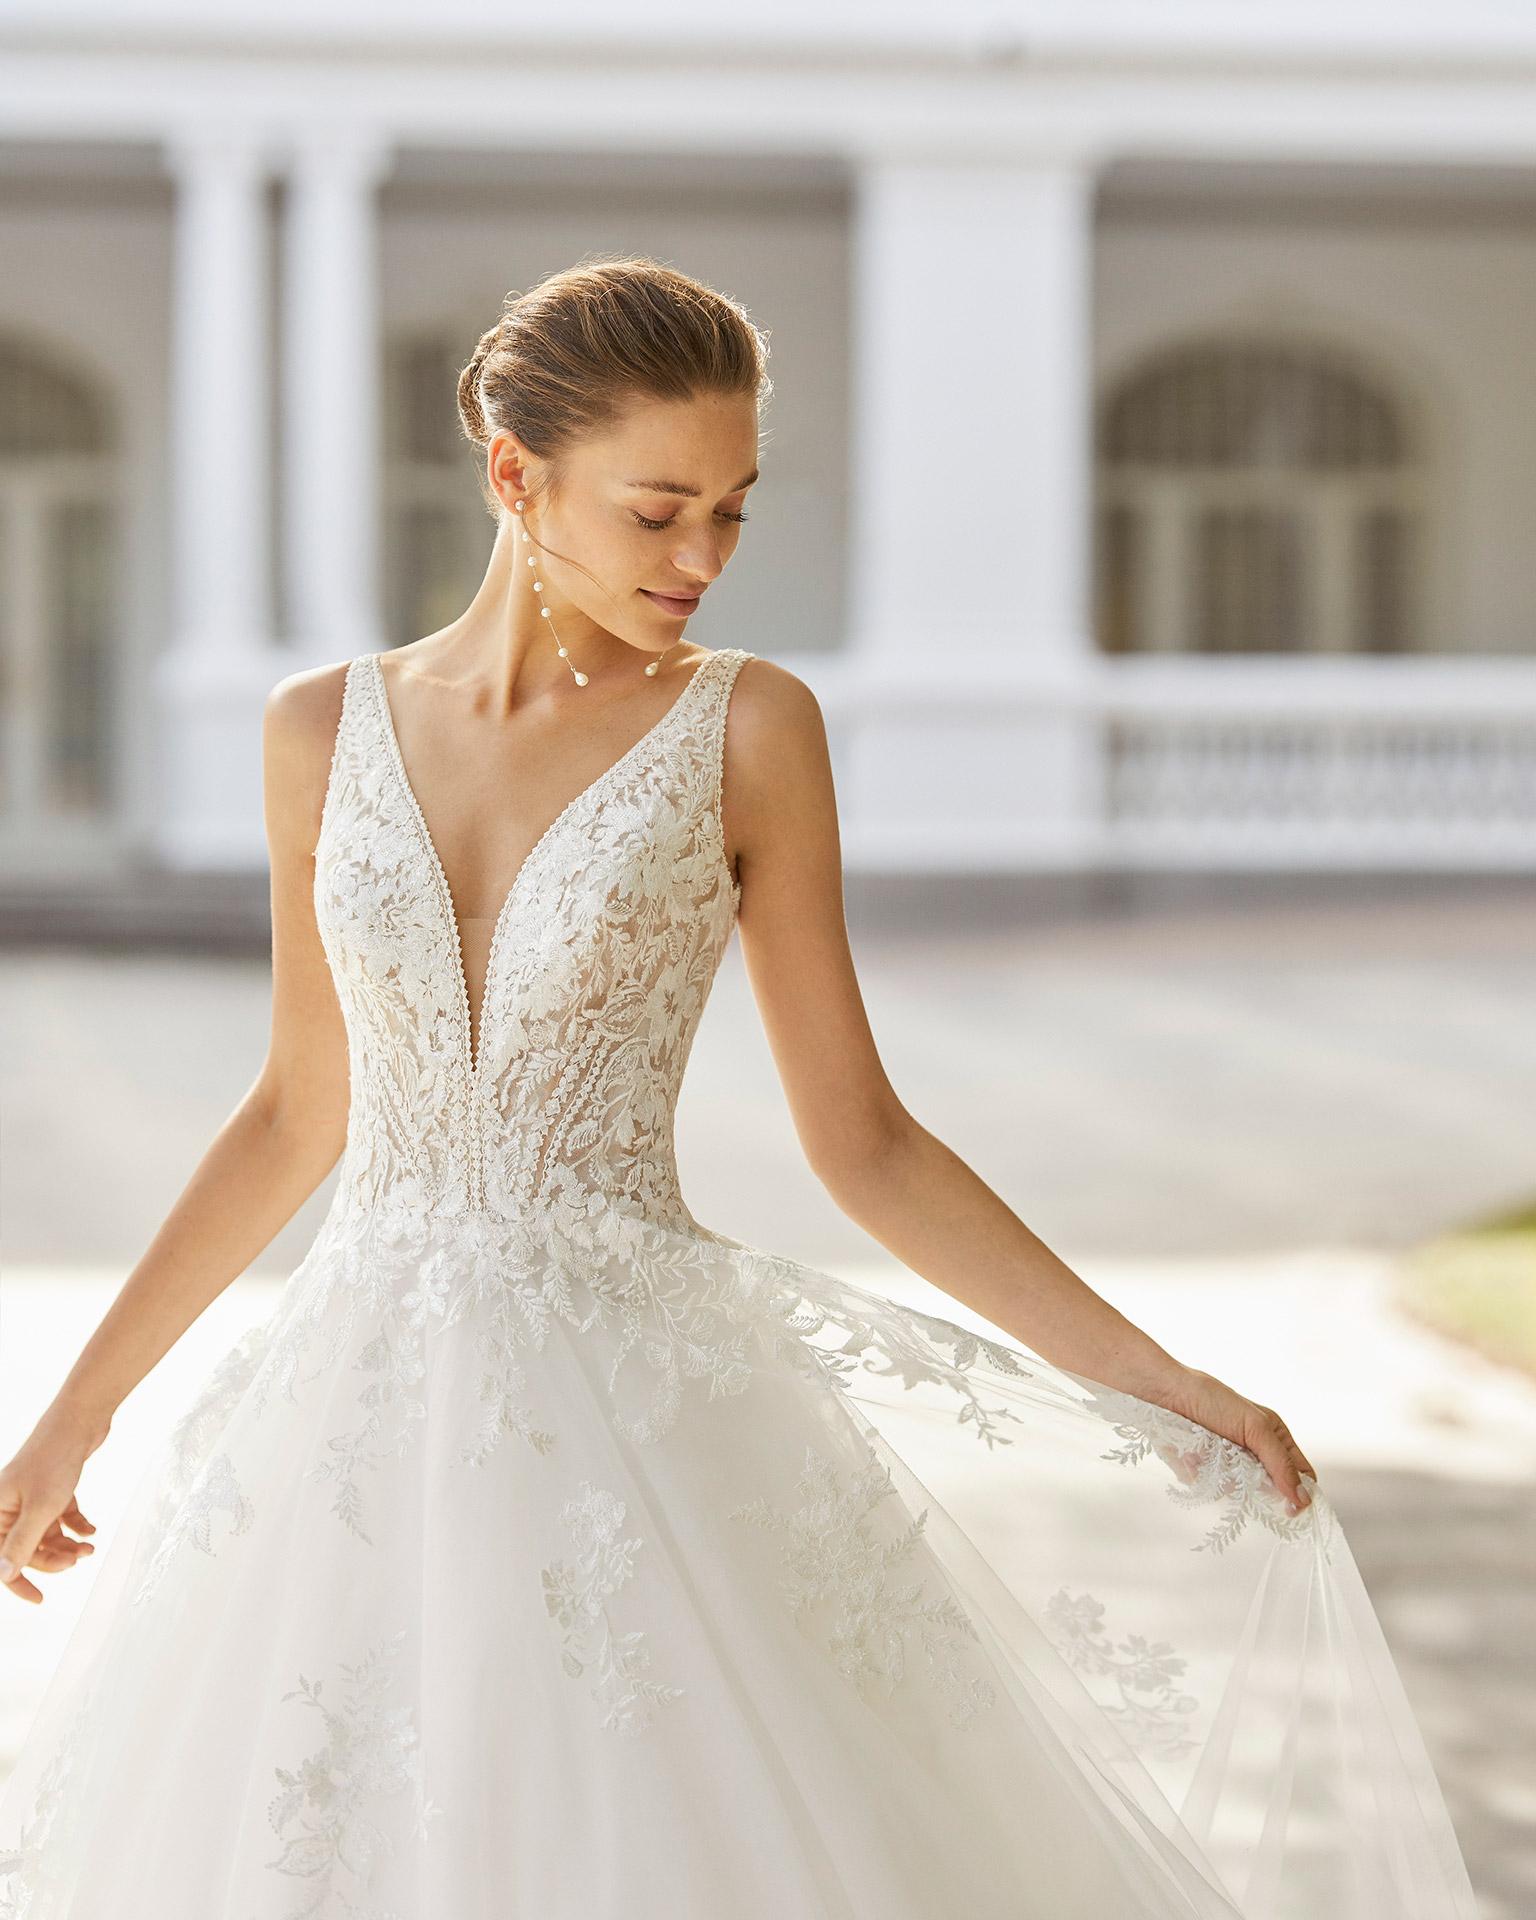 Adriana Alier modelo Sintra colección 2022 rosa clará essencia novias